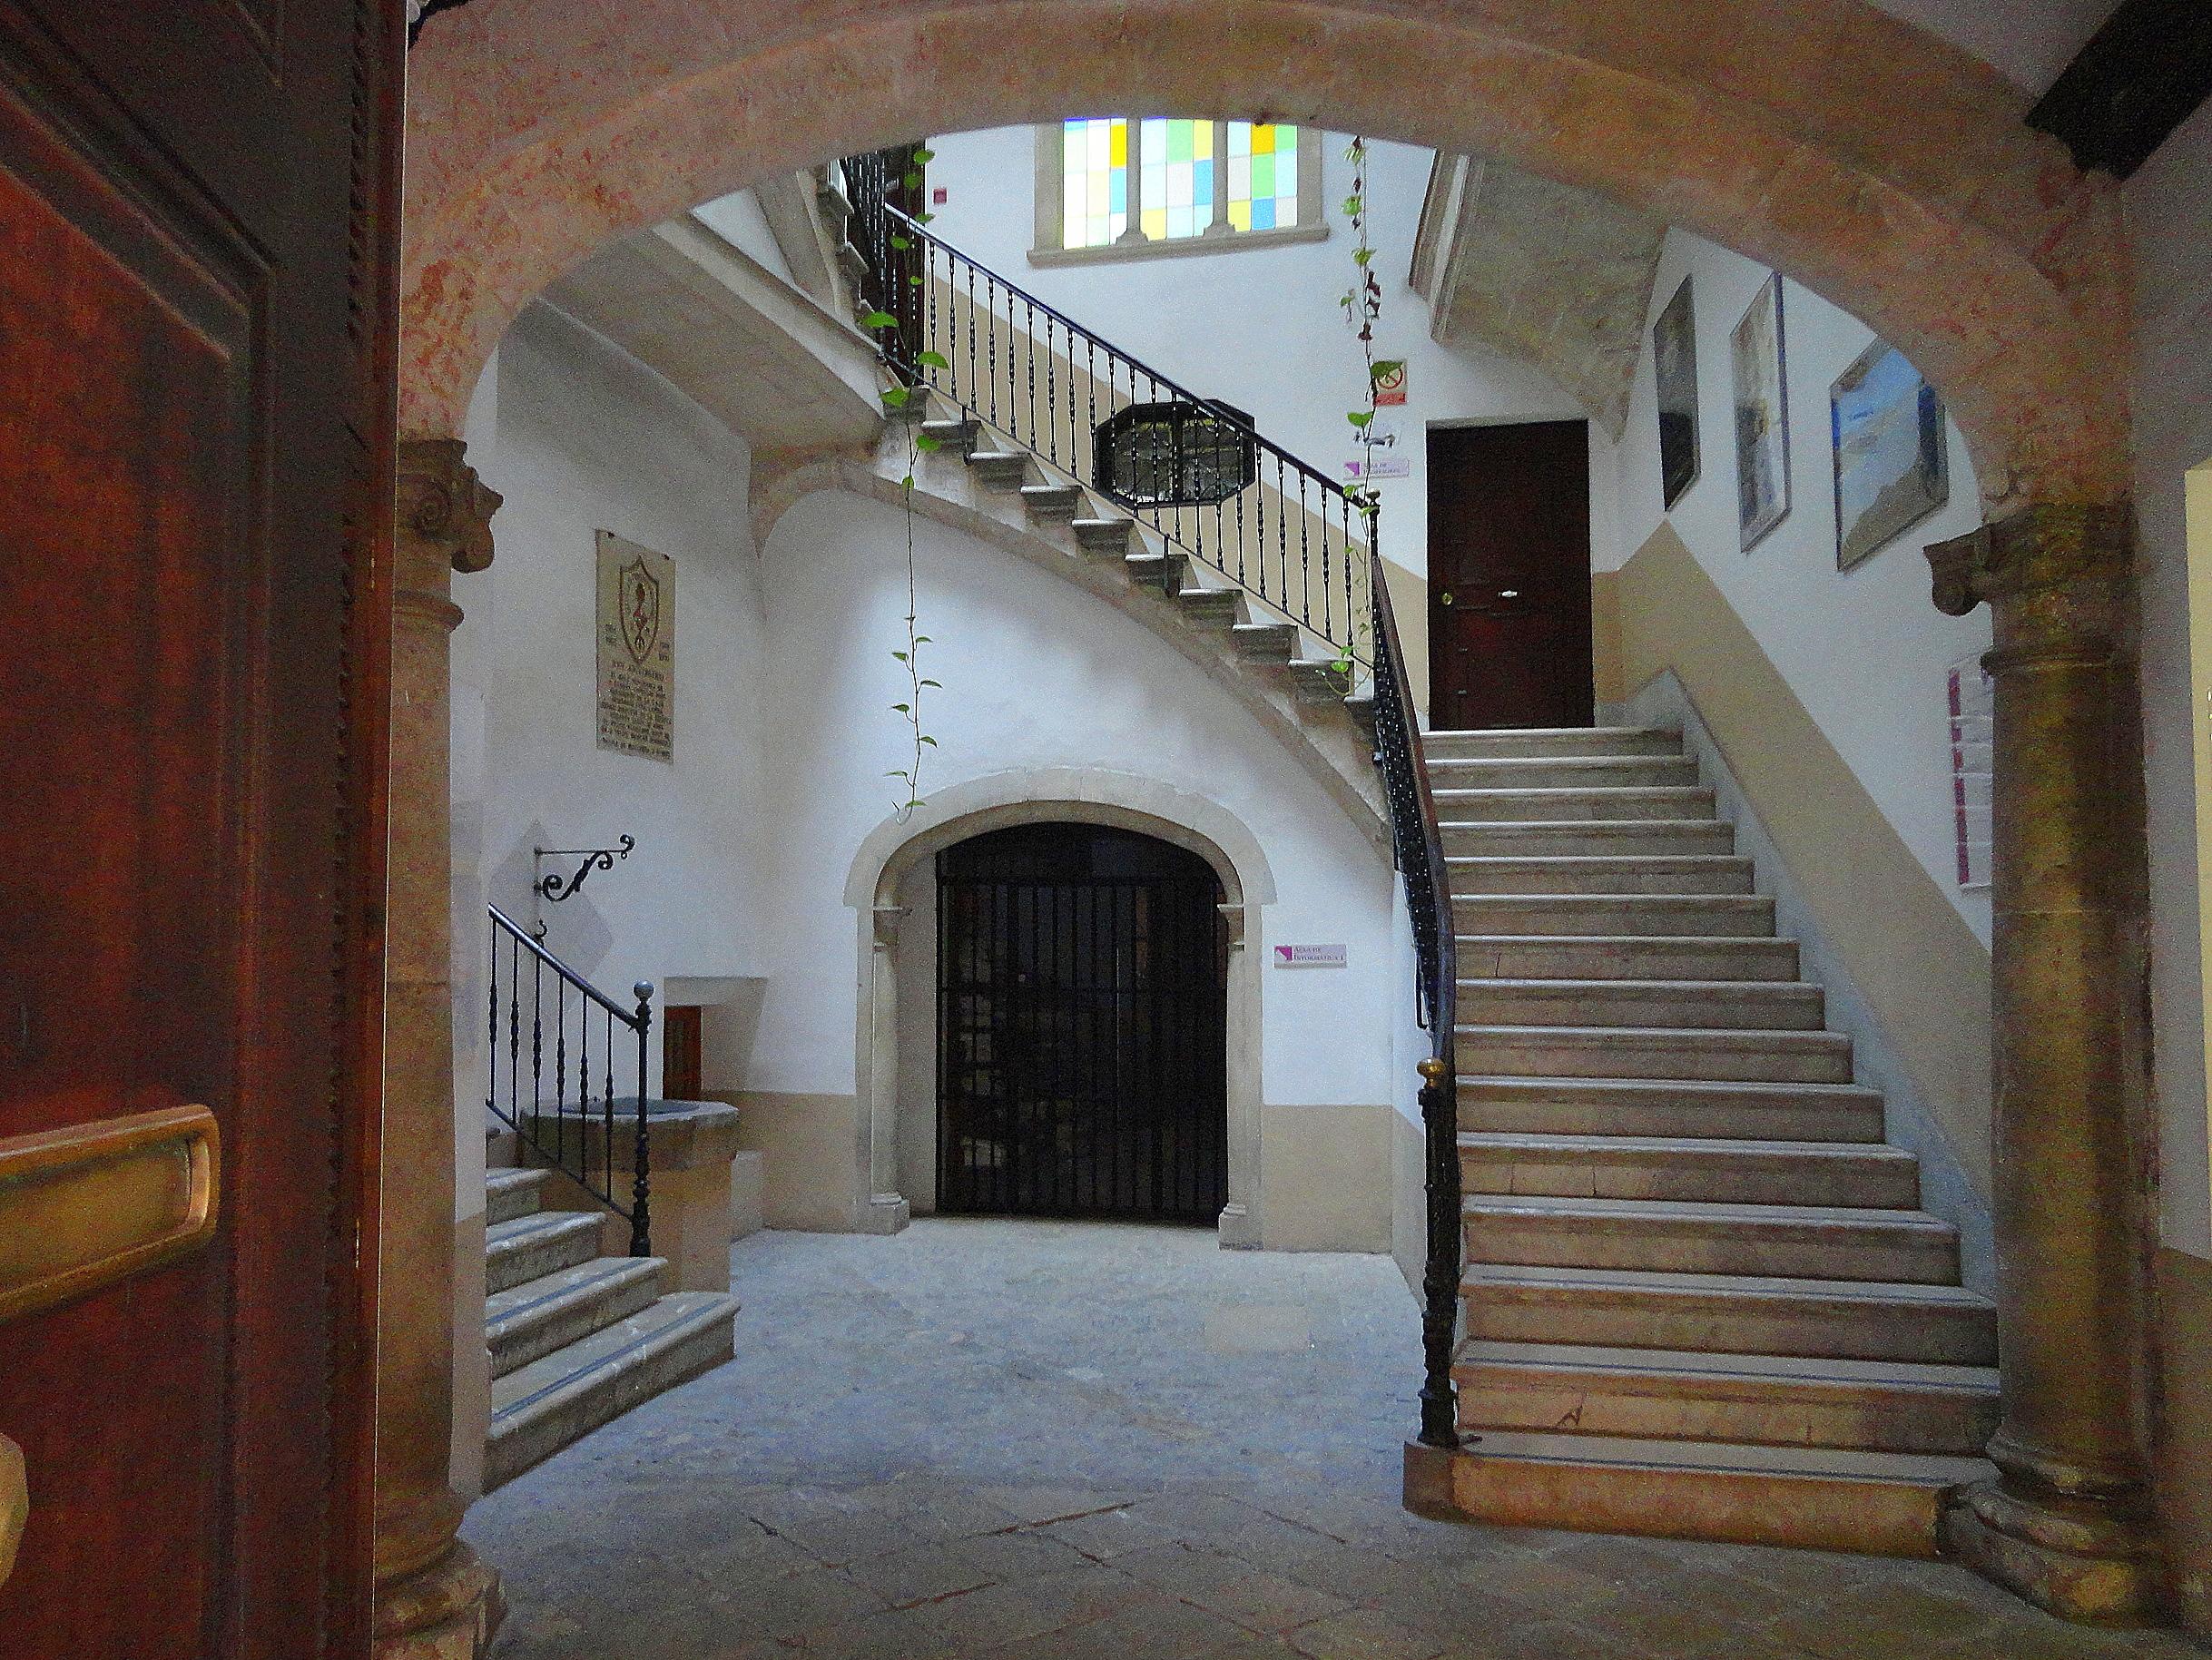 El patio mallorqu n ejemplo perfecto de arquitectura for Ver interiores de casas